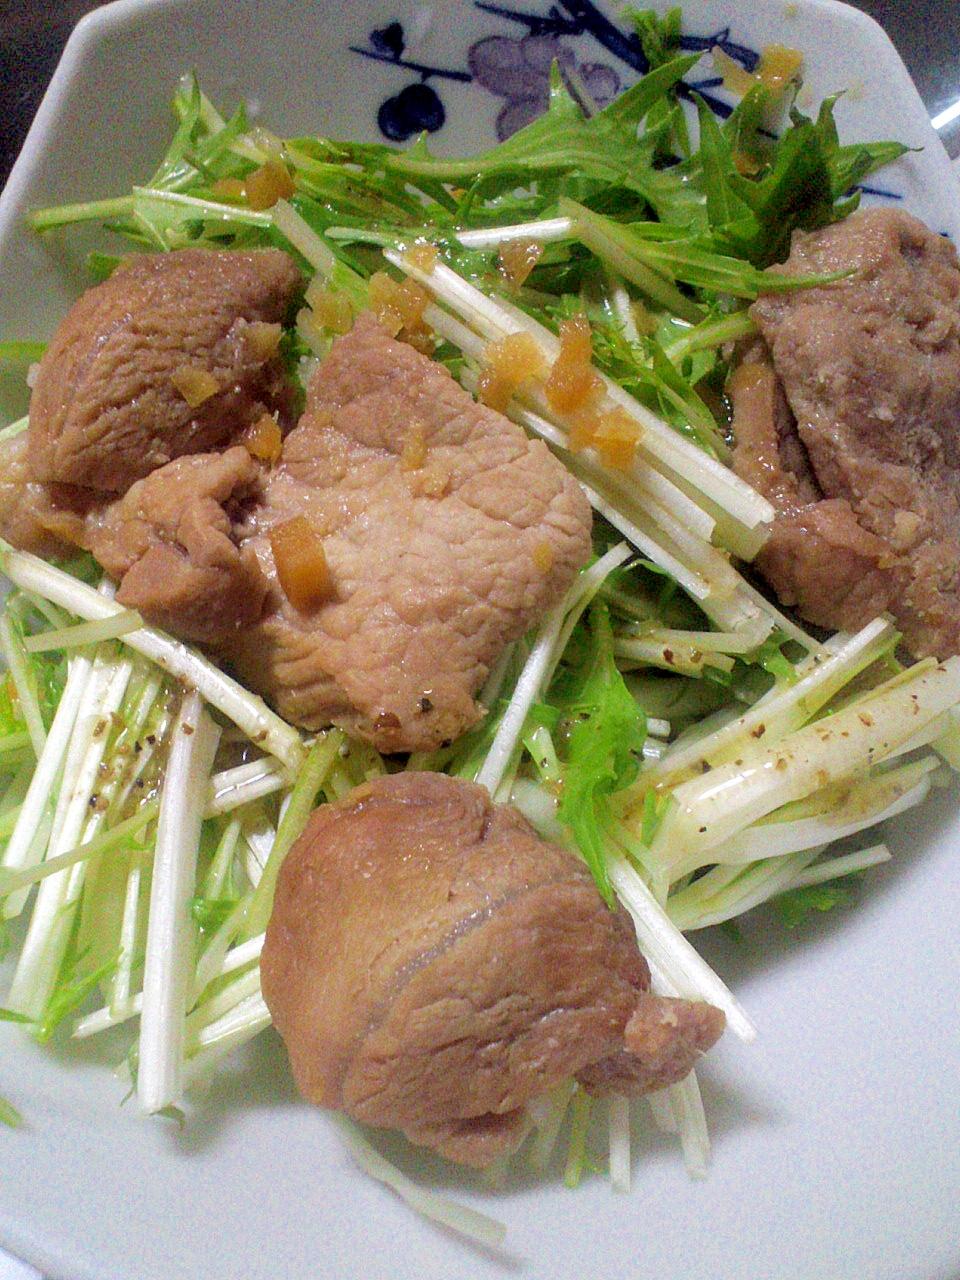 ガッツリ食べたいとき・・・豚肉のしょうが炒めサラダ